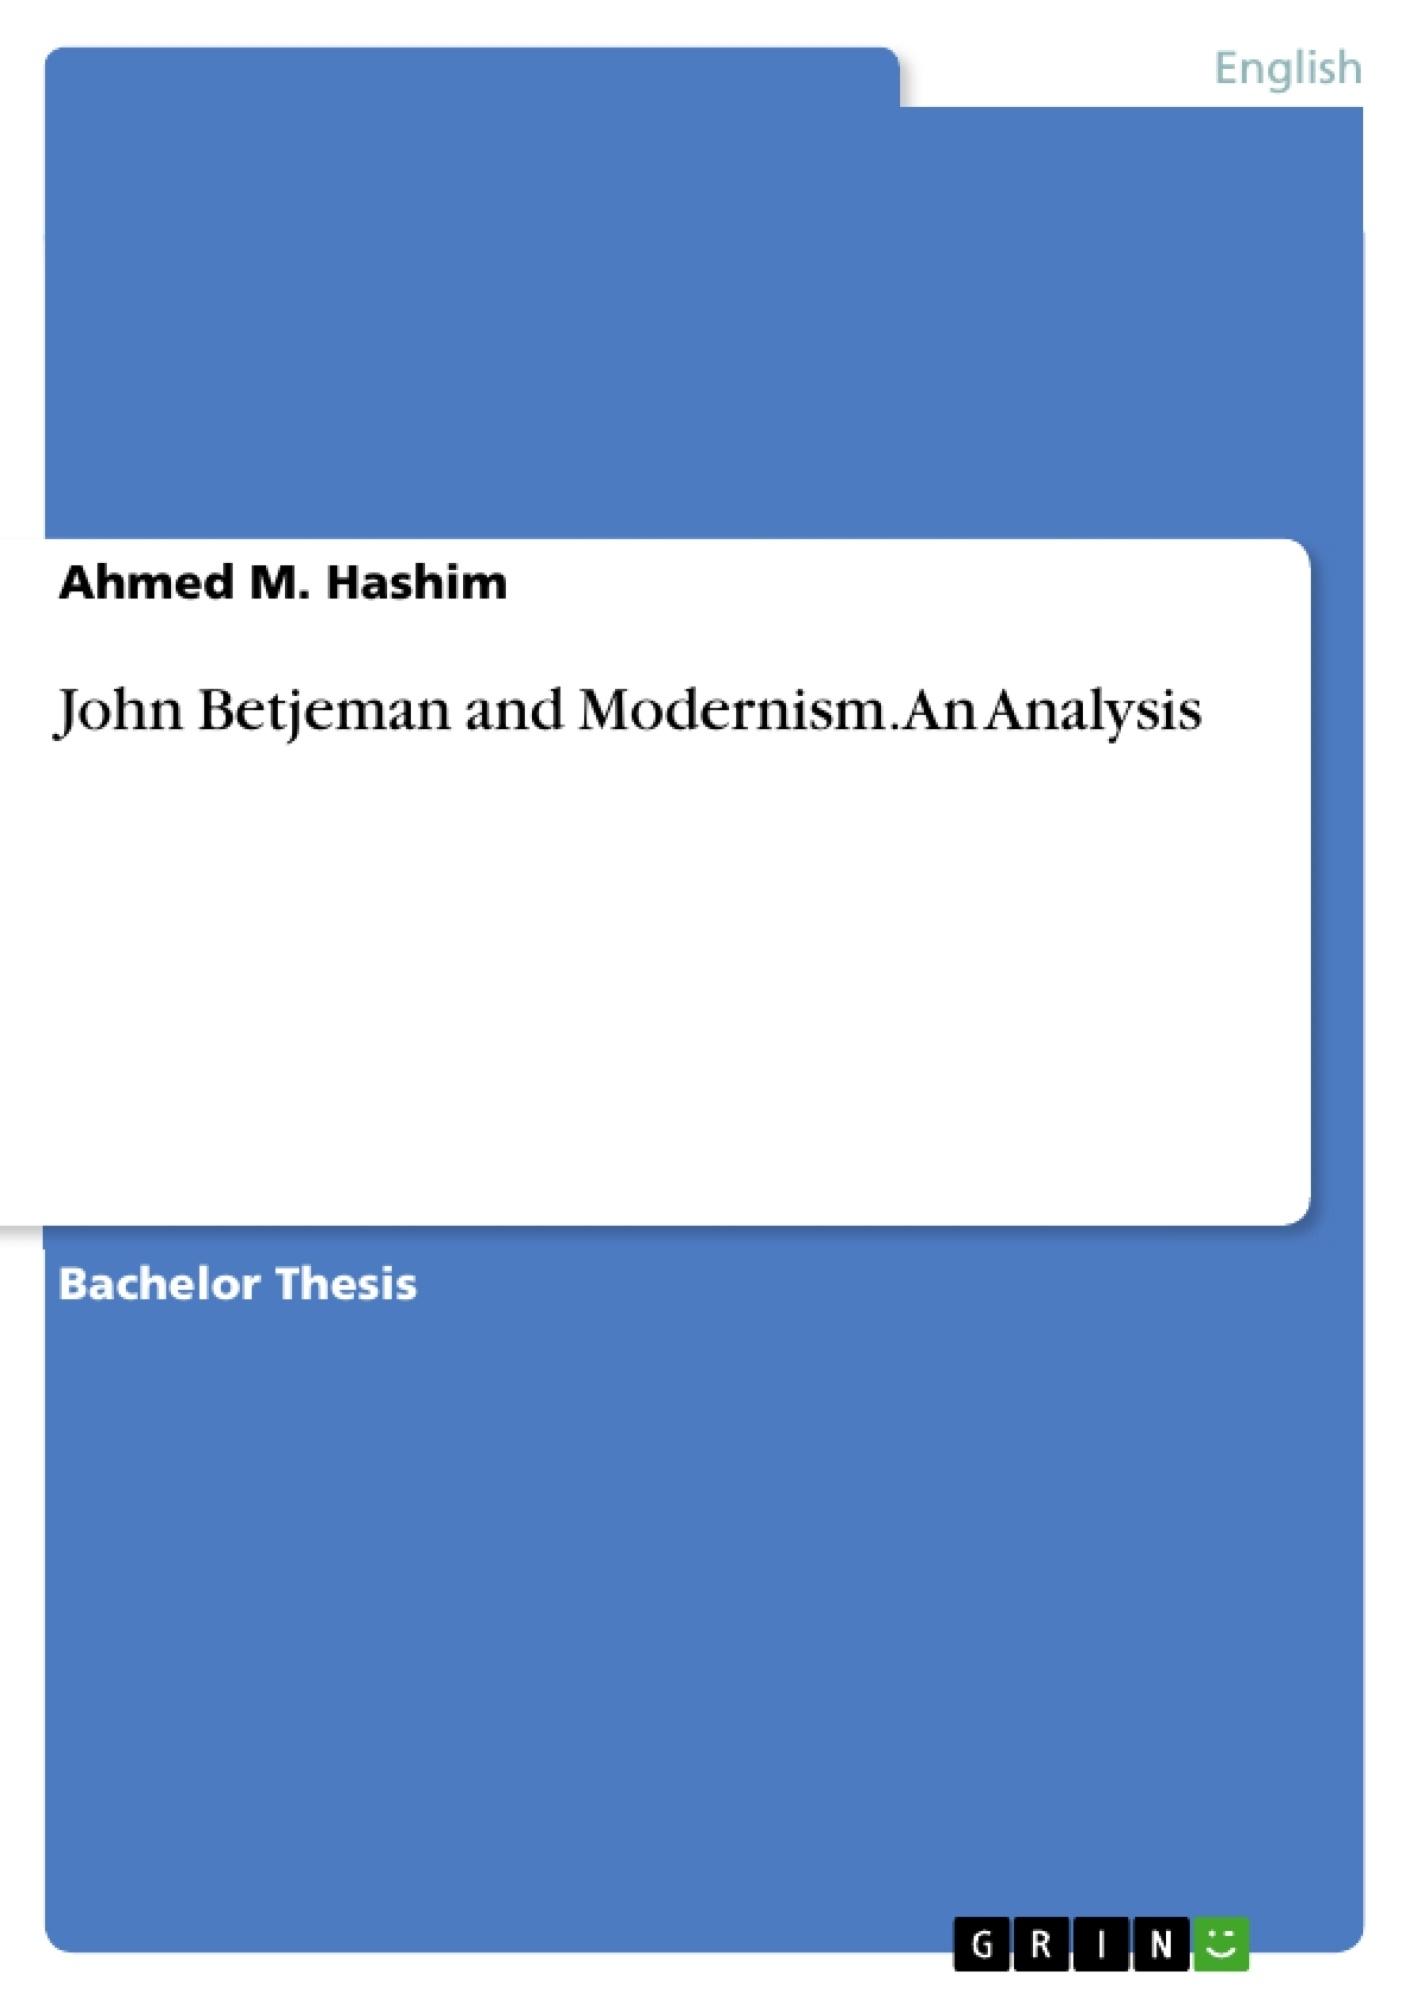 Title: John Betjeman and Modernism. An Analysis